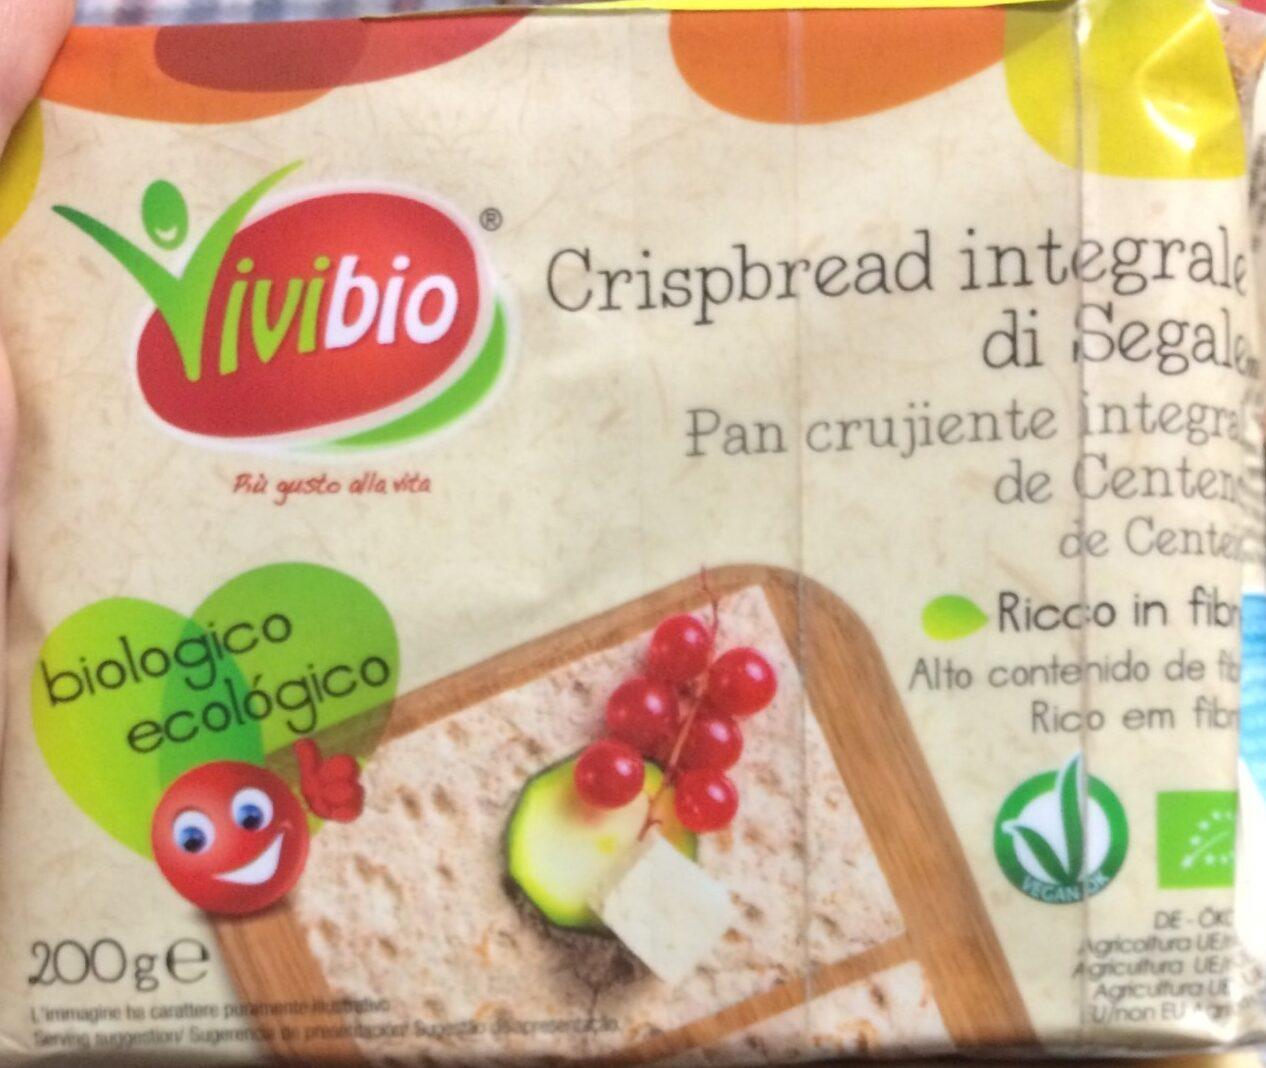 Crispbread integrale di segale - Product - fr